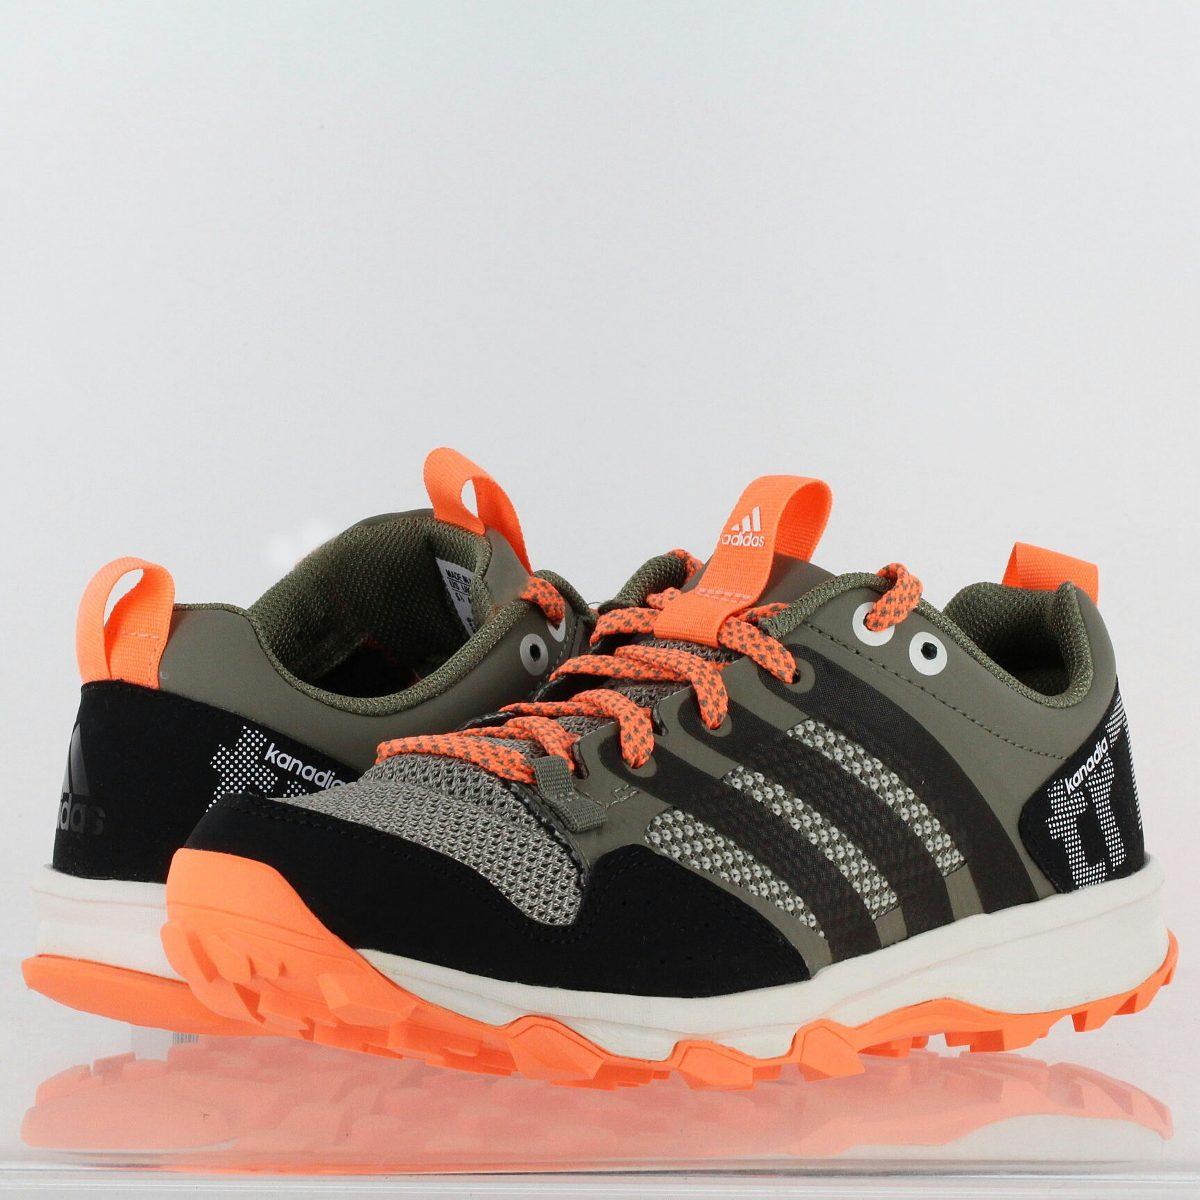 Adidas Tr7 Damas Origianales Kanadia Zapatos w8m0Nn